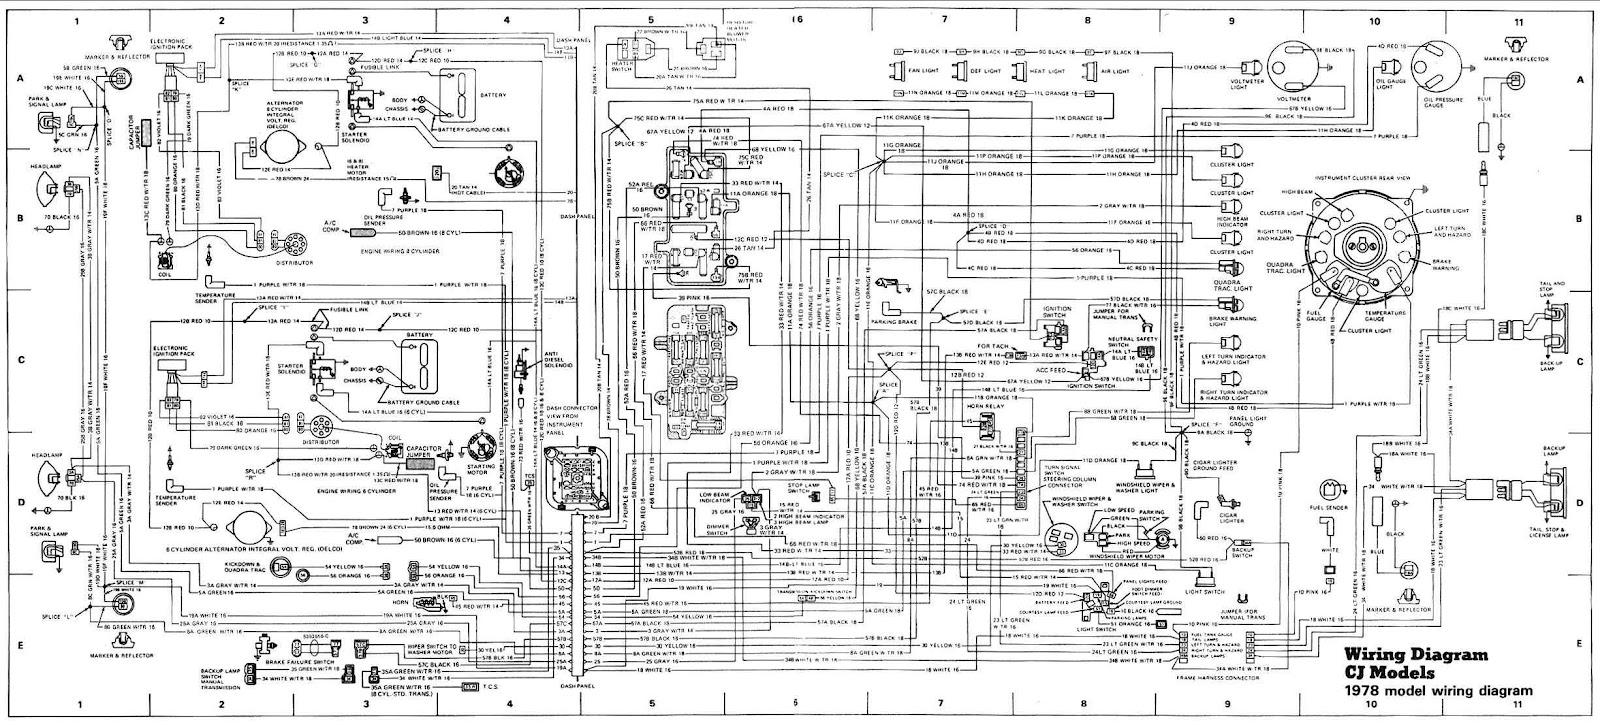 cj7 wiring switcheswiring.download free printable wiring diagrams Wiring diagram